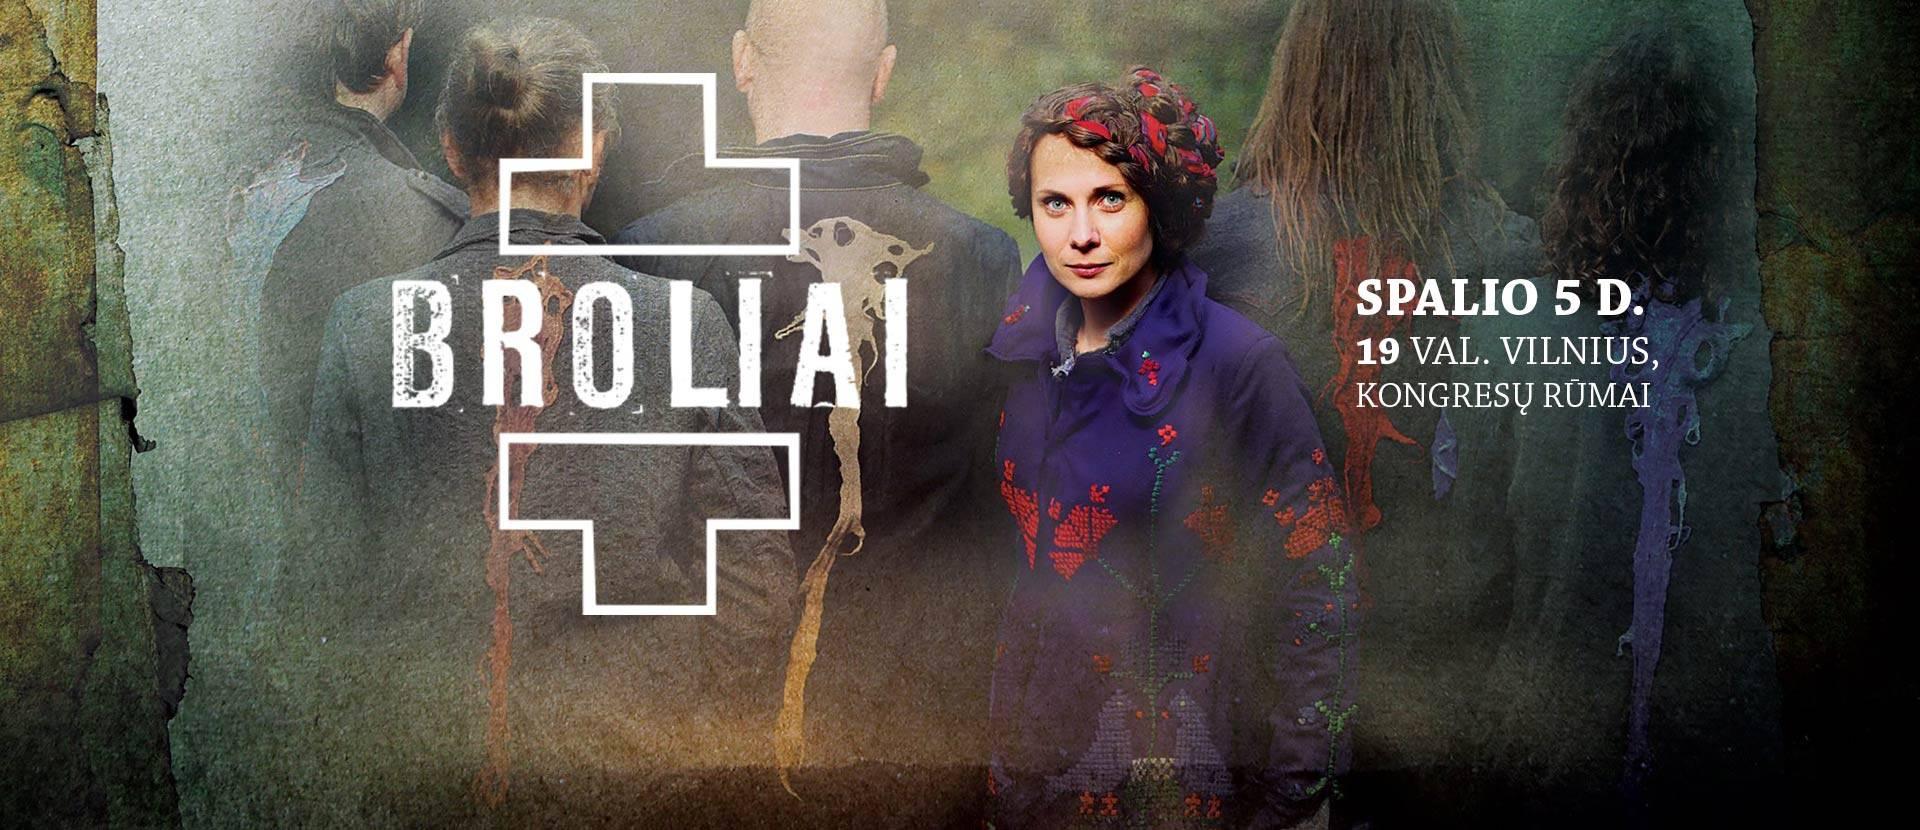 A. Smilgevičiūtės ir grupės SKYLĖ koncertas BROLIAI